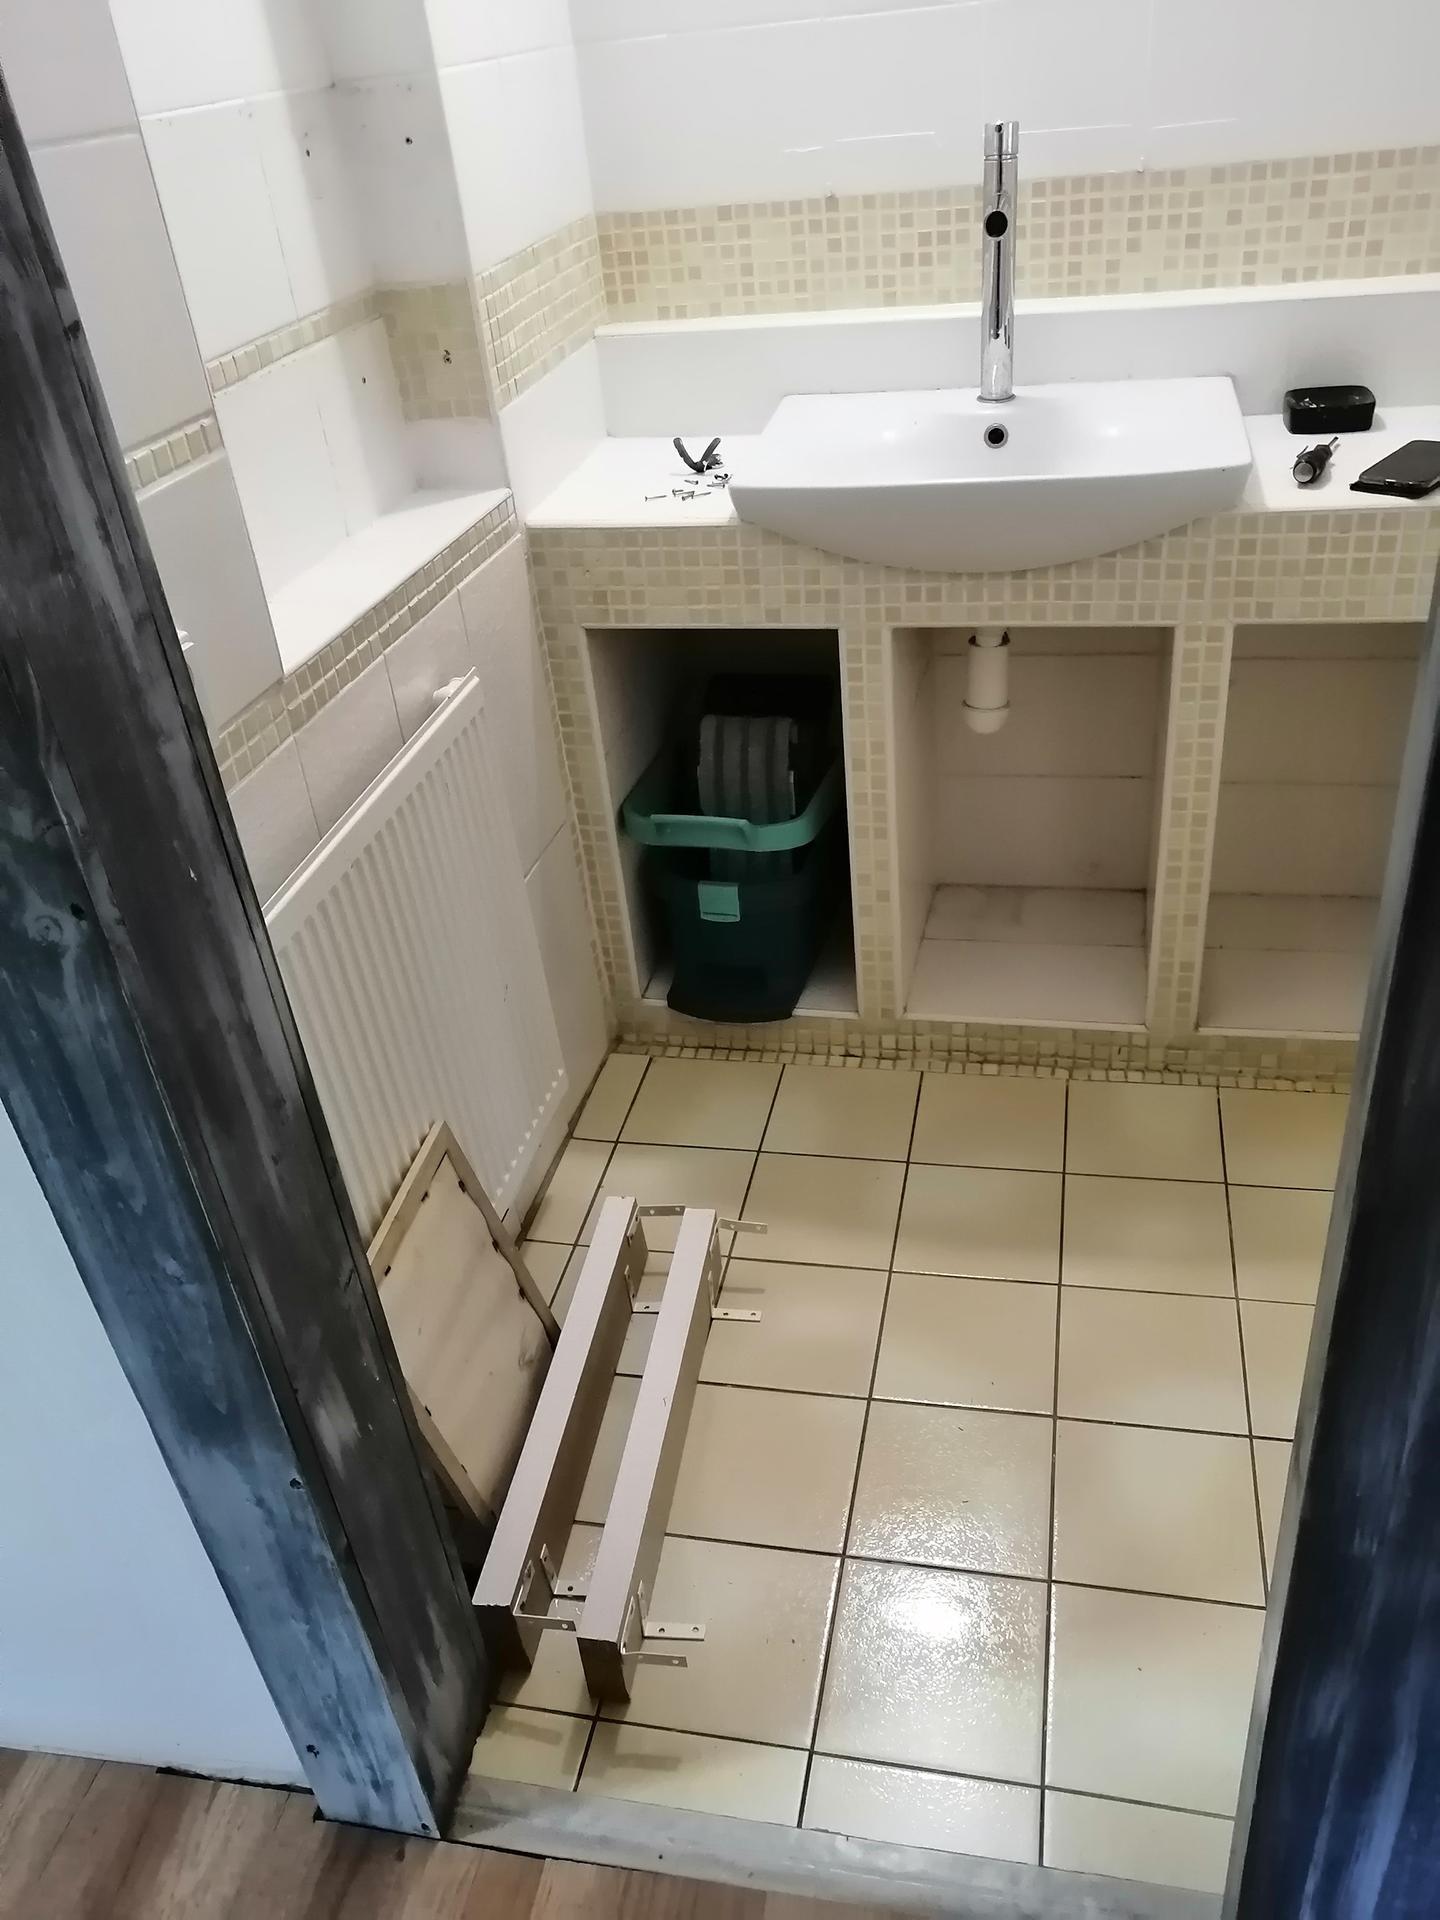 Rekonstrukce koupelny - Obrázek č. 4